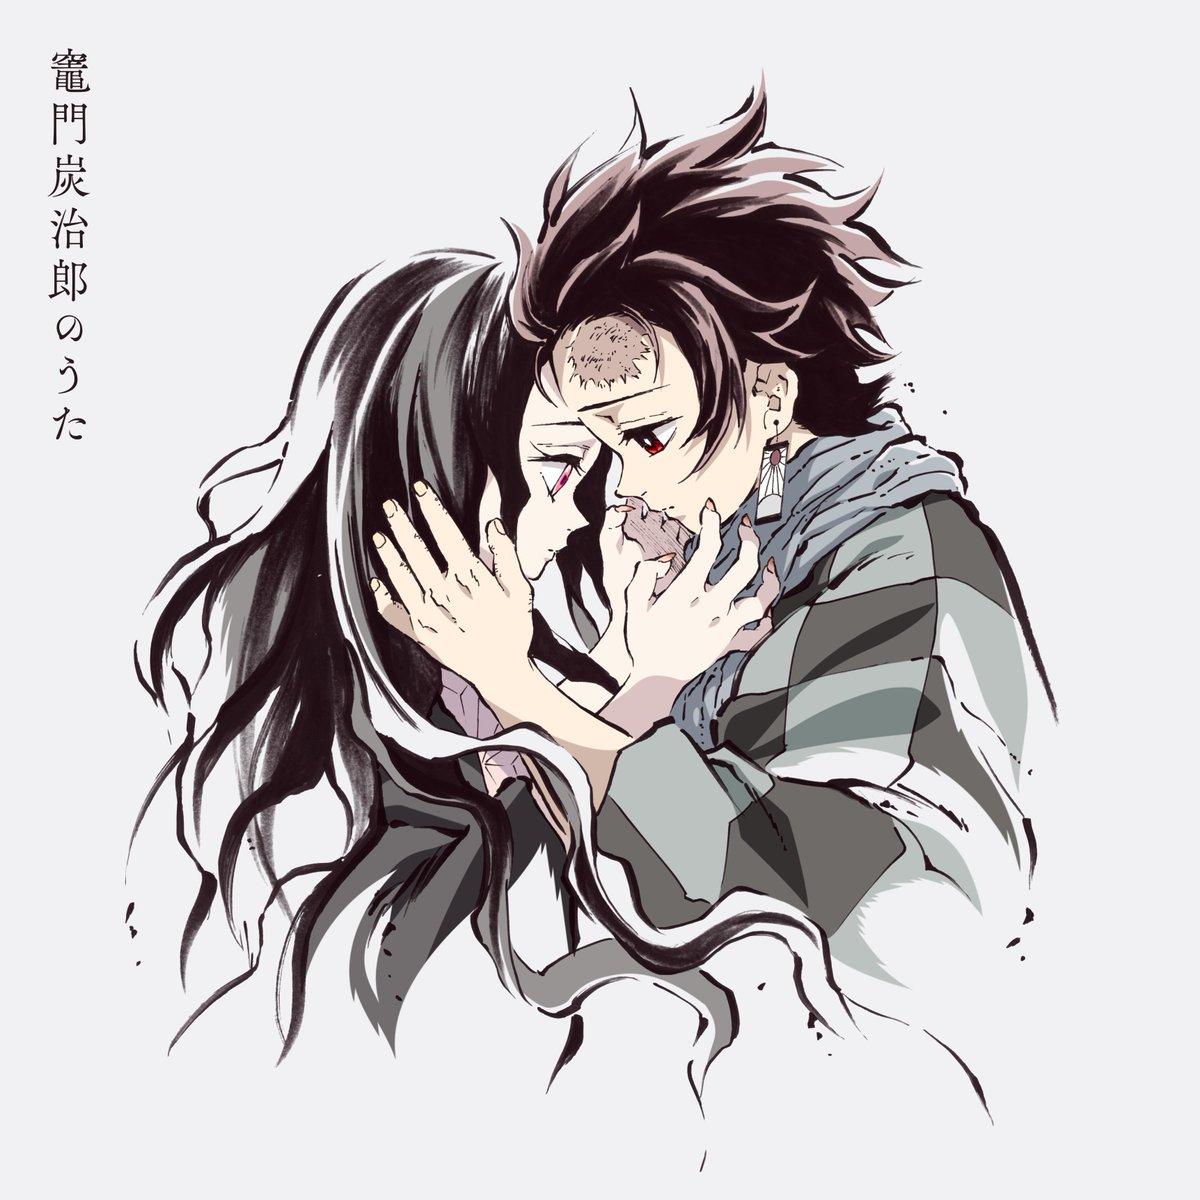 鬼滅の刃 「竈門炭治郎のうた」の配信が決定!!